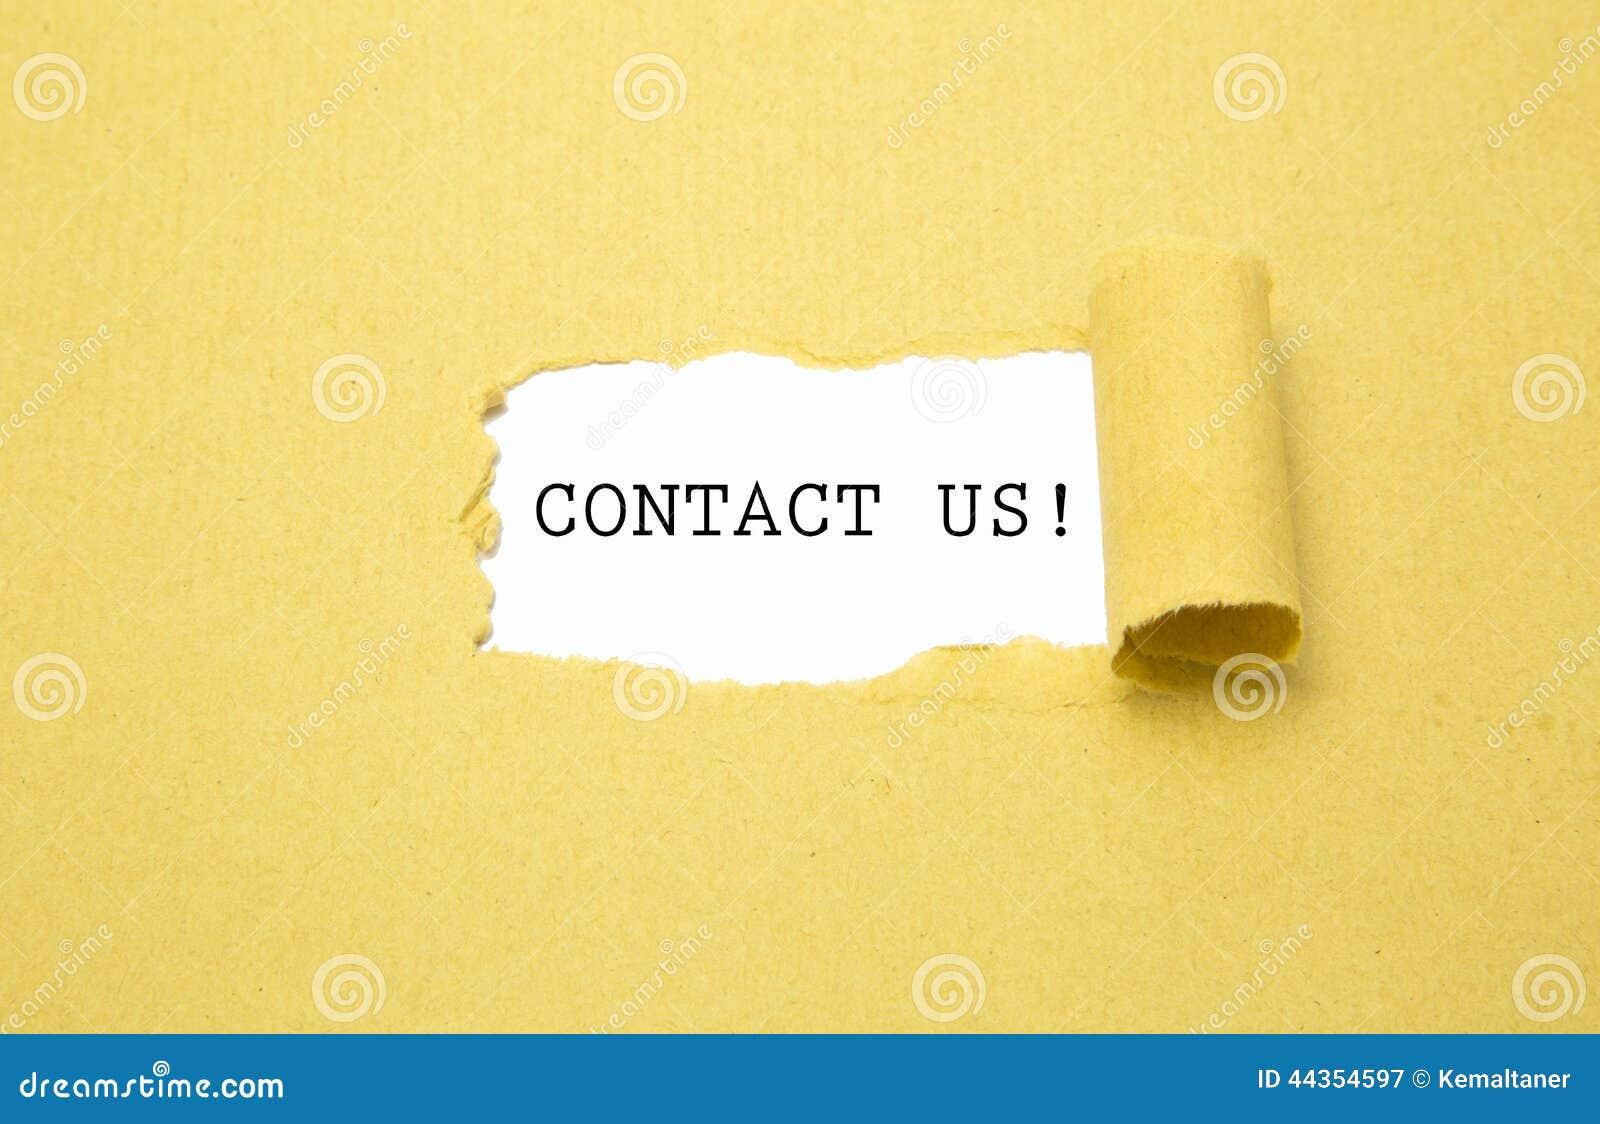 Seli metta in contatto con!